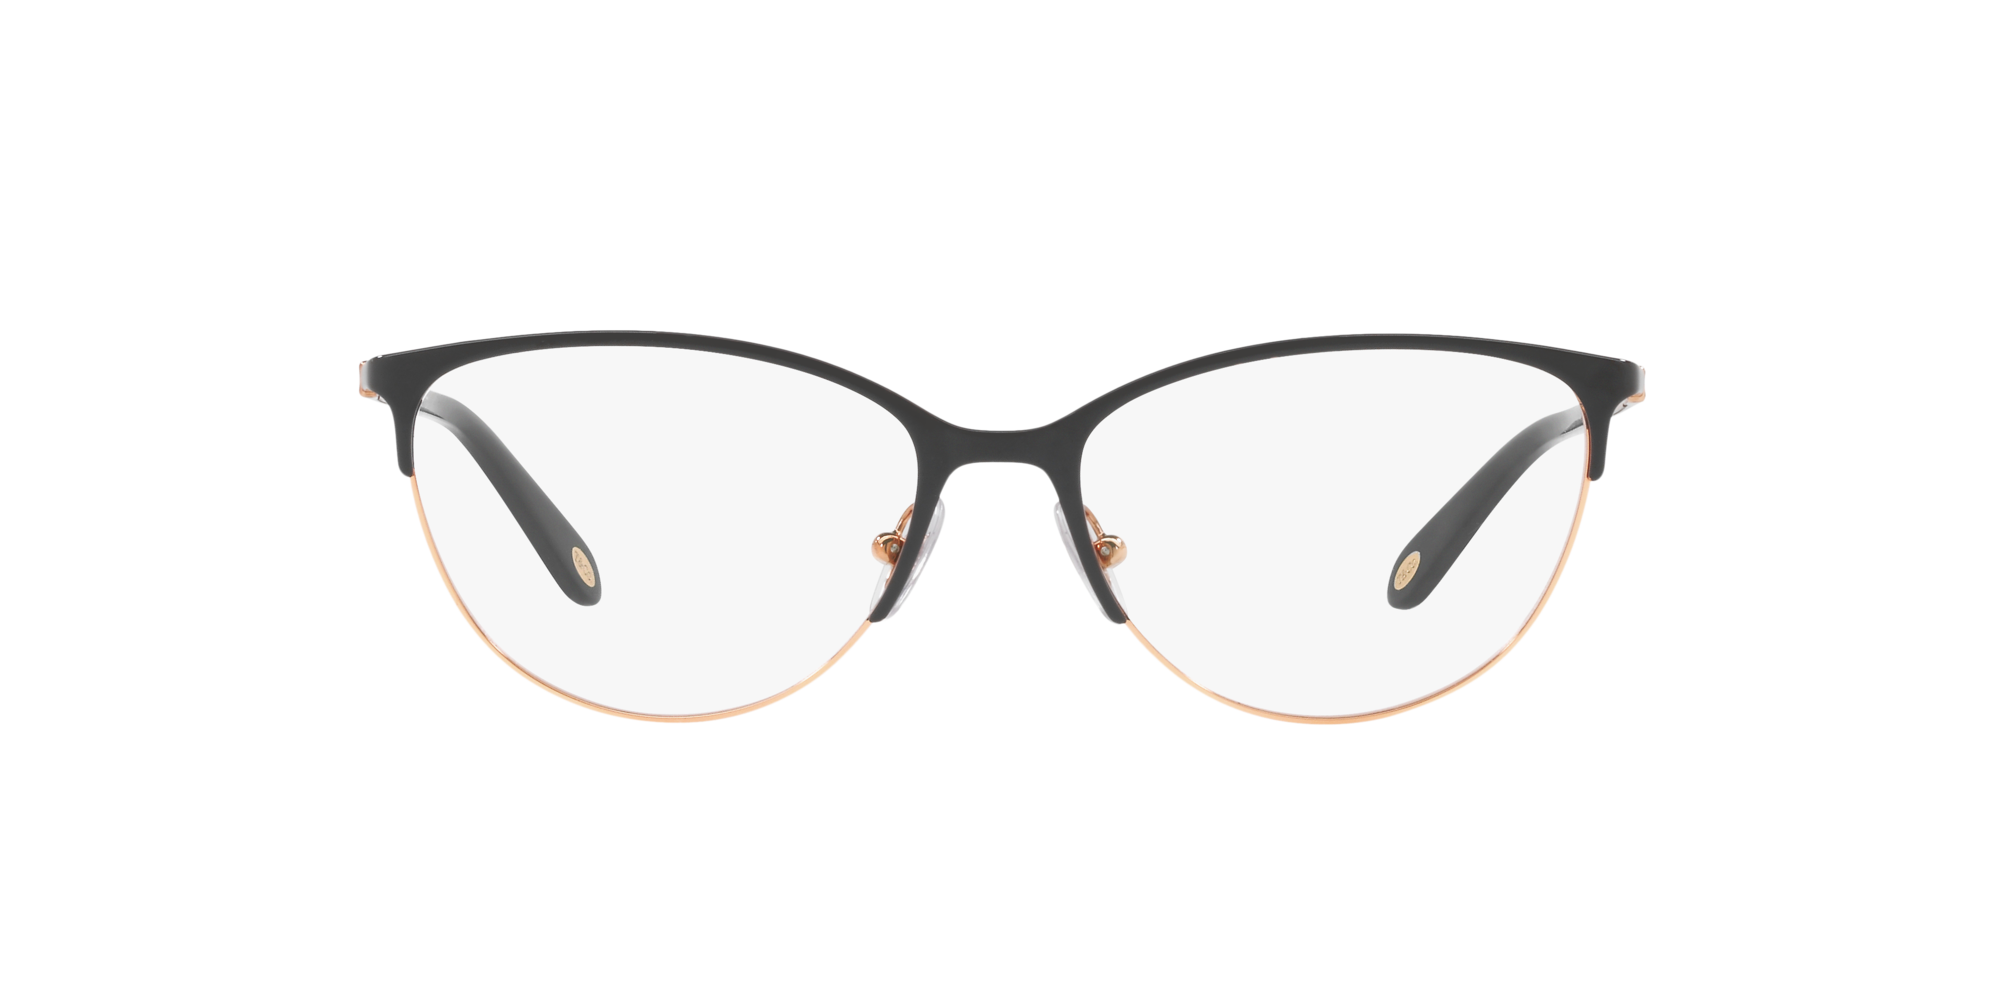 Imagen para TF1127 de LensCrafters |  Espejuelos, espejuelos graduados en línea, gafas